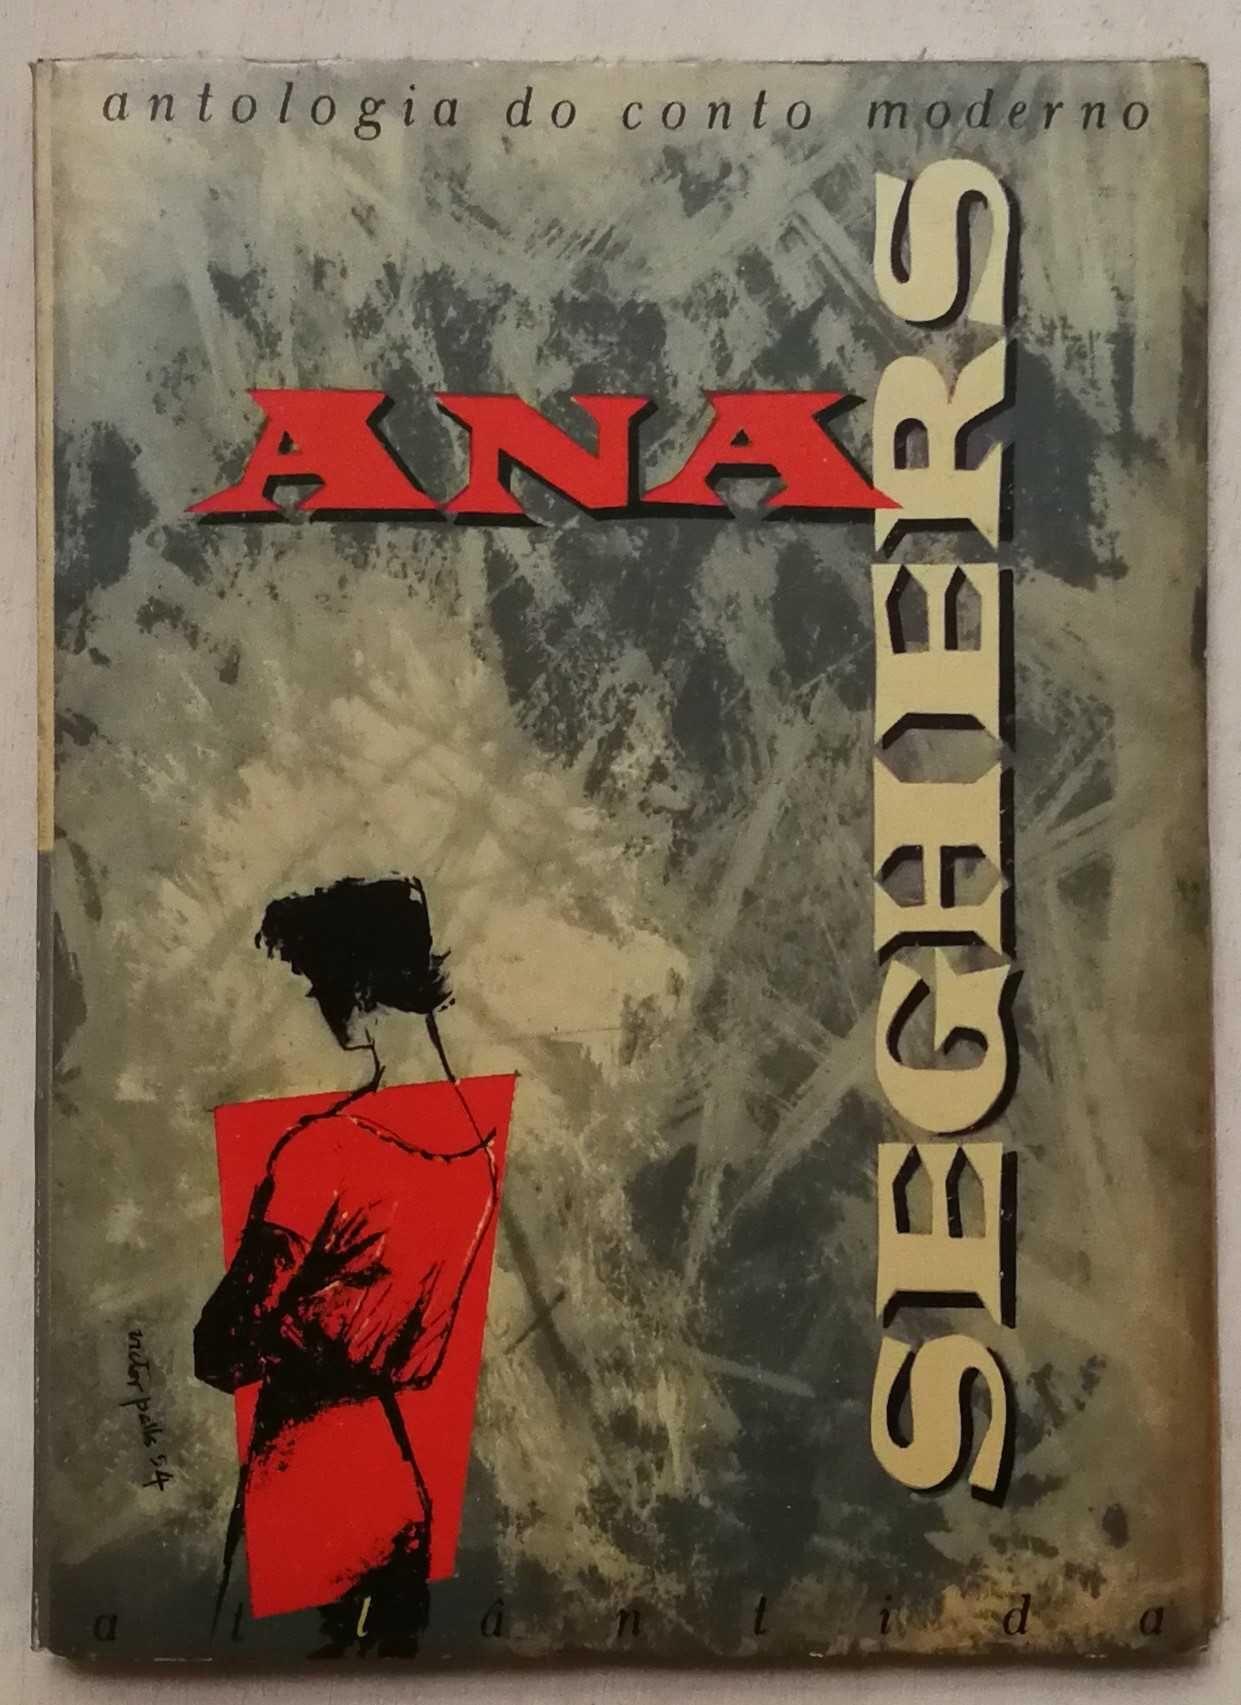 Antologia do conto moderno, ana seghers, atlântida